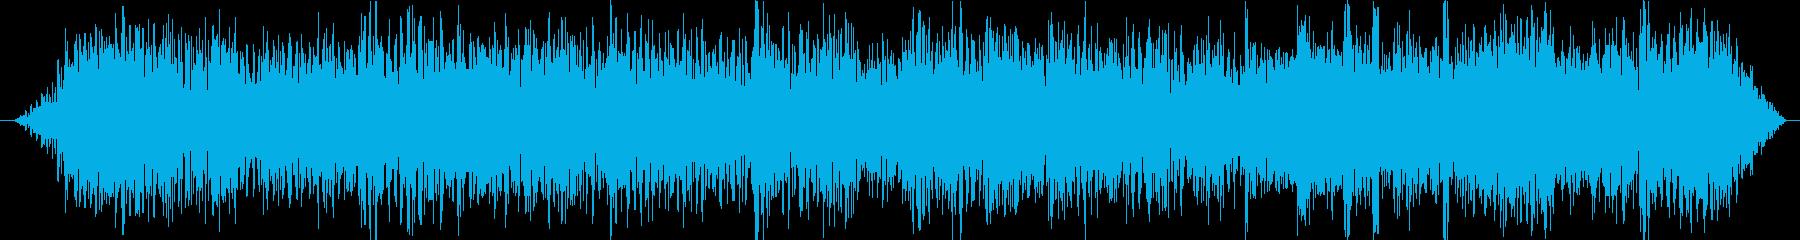 シンプルな歪みギターリフジングルの再生済みの波形